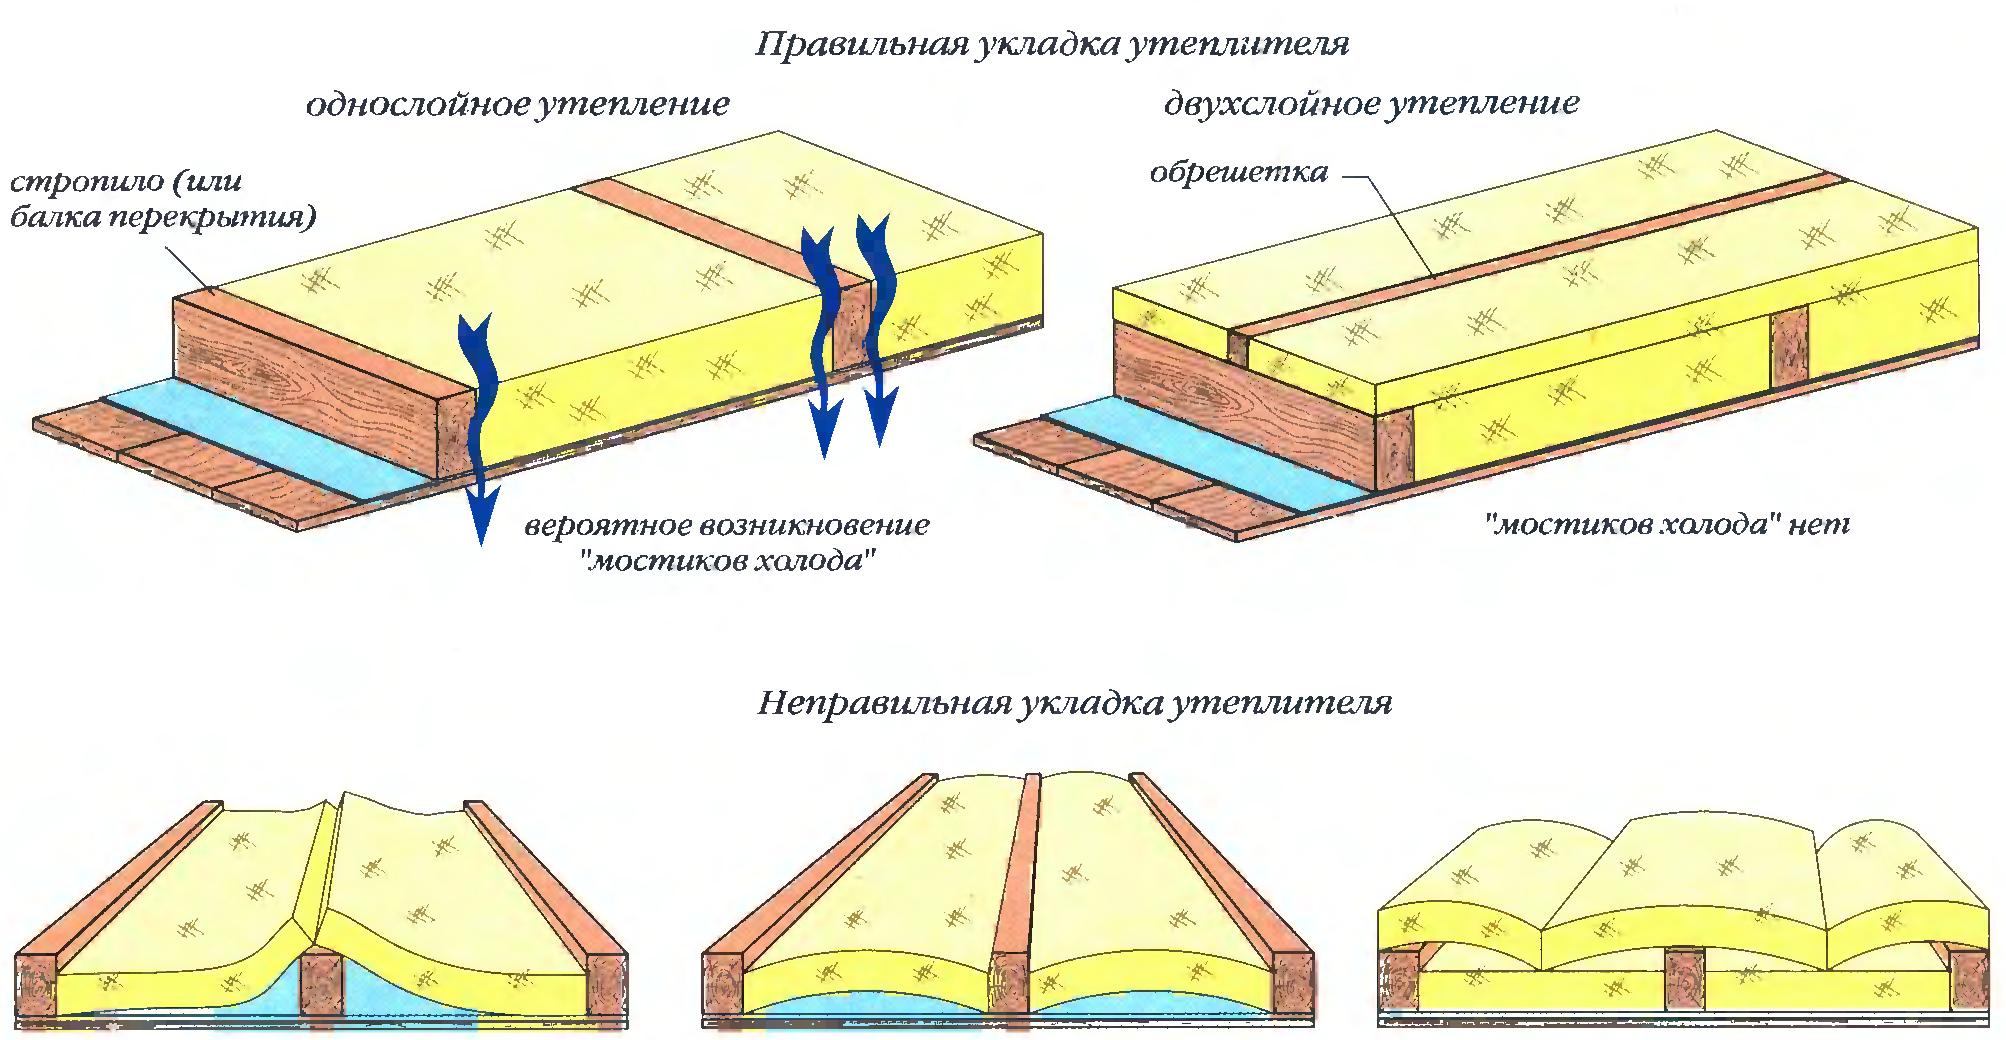 Гидроизоляция для стен внутри бани